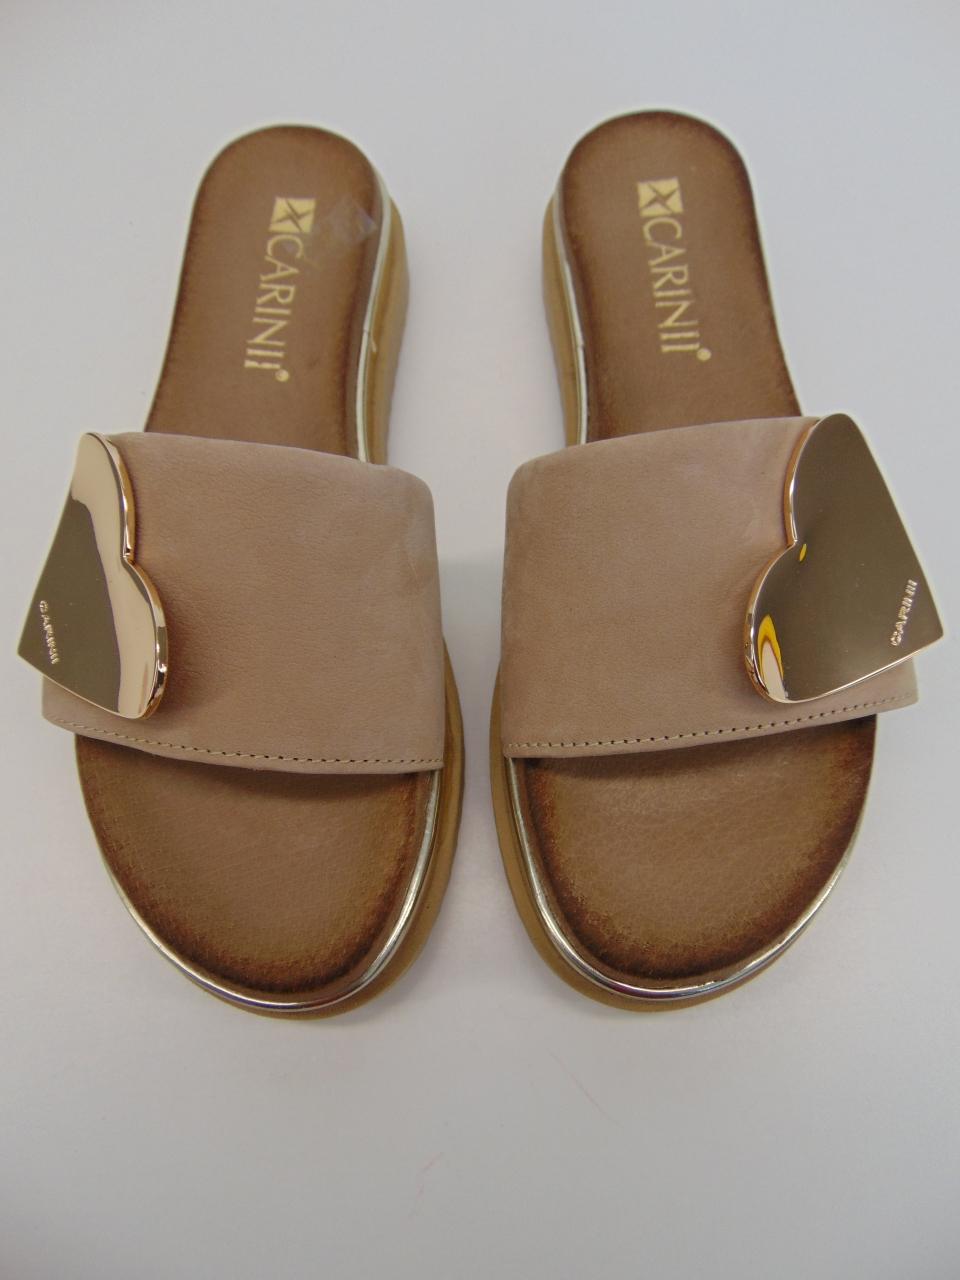 Sandały Carinii 5011 skóra złota   Buty damskie na lato